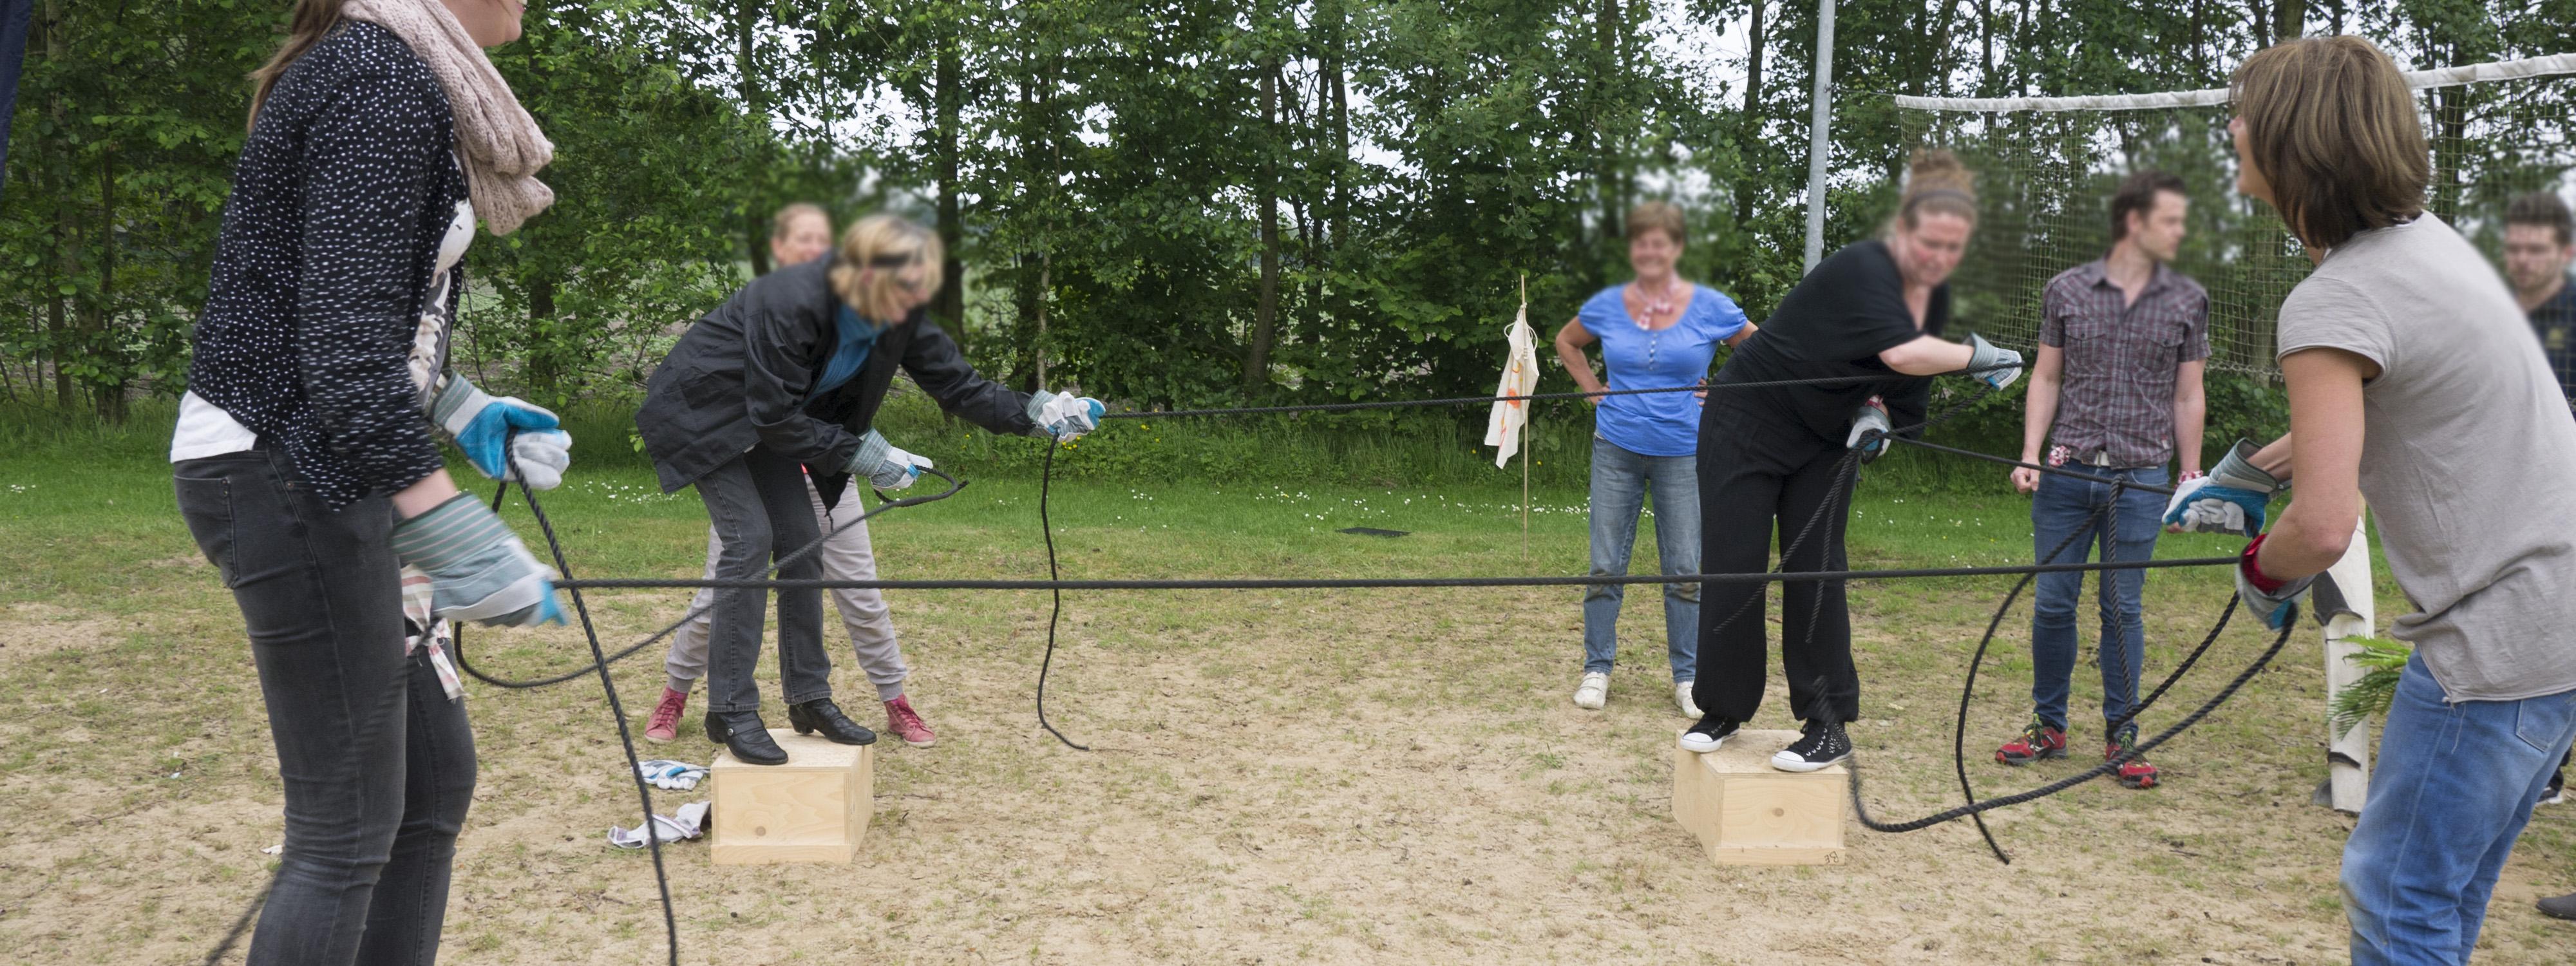 Teamwork spel fun outdoor